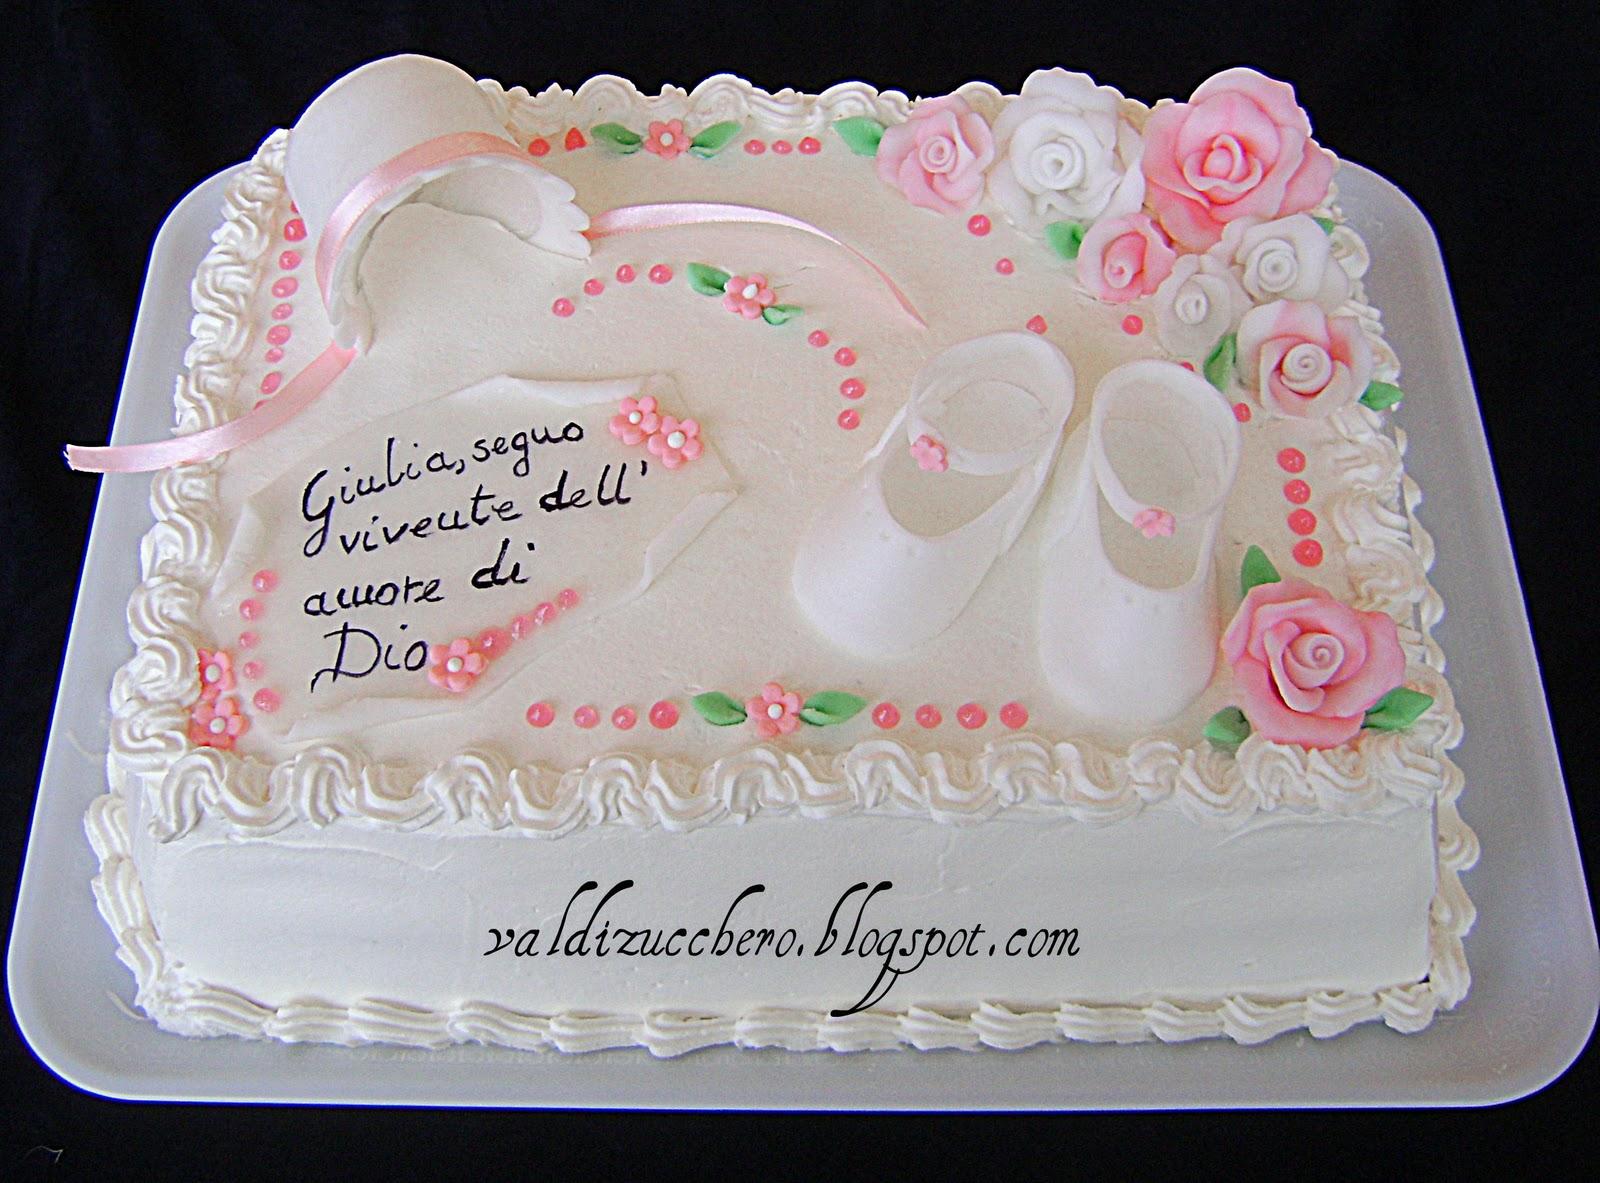 Amato Val di zucchero: marzo 2011 MD72